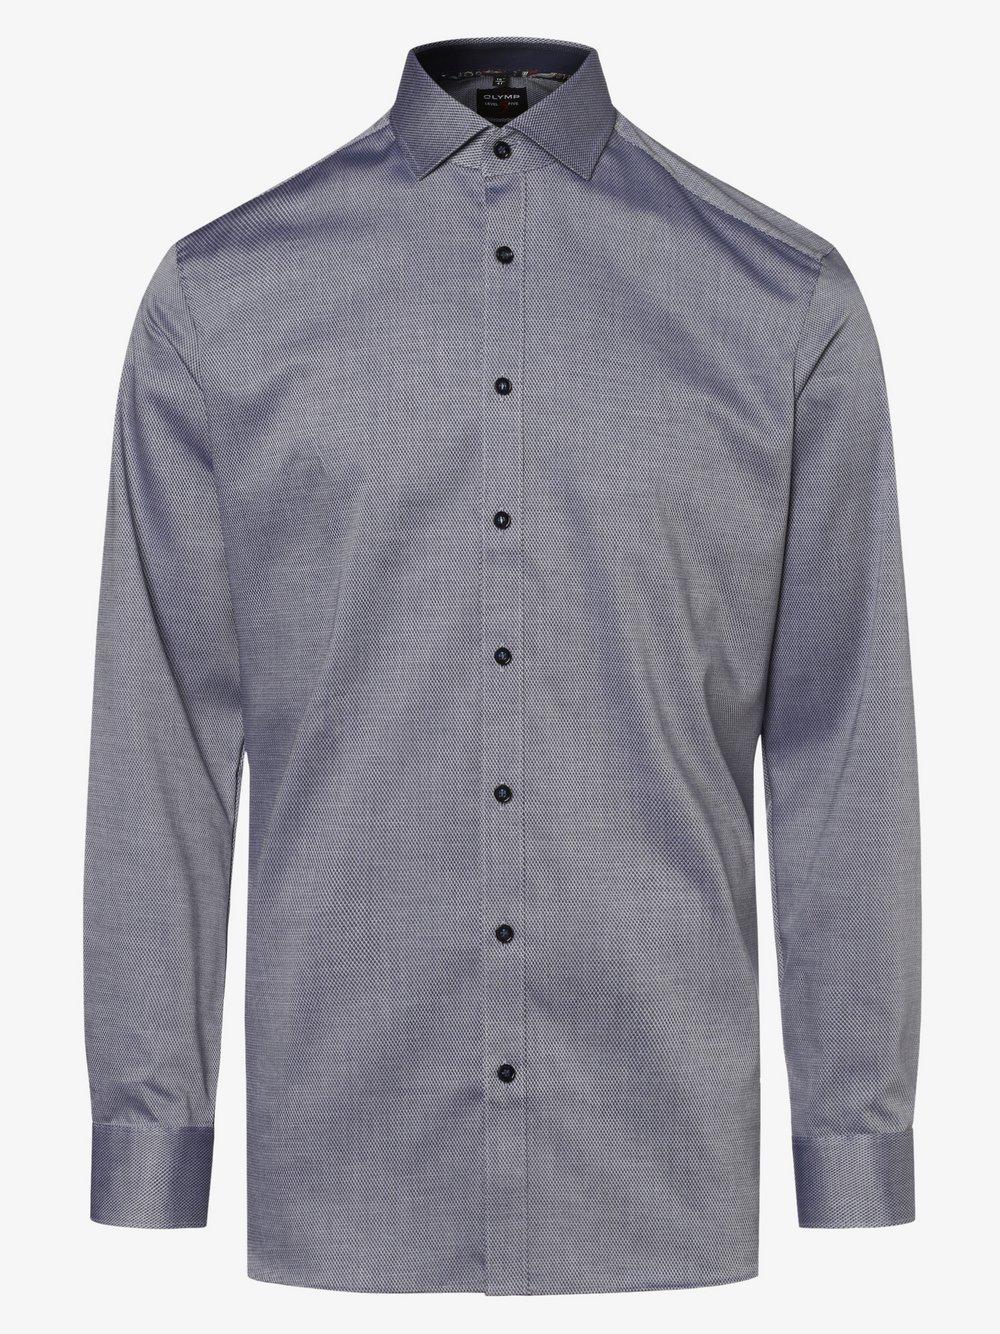 Olymp Level Five - Koszula męska łatwa w prasowaniu z bardzo długim rękawem, niebieski